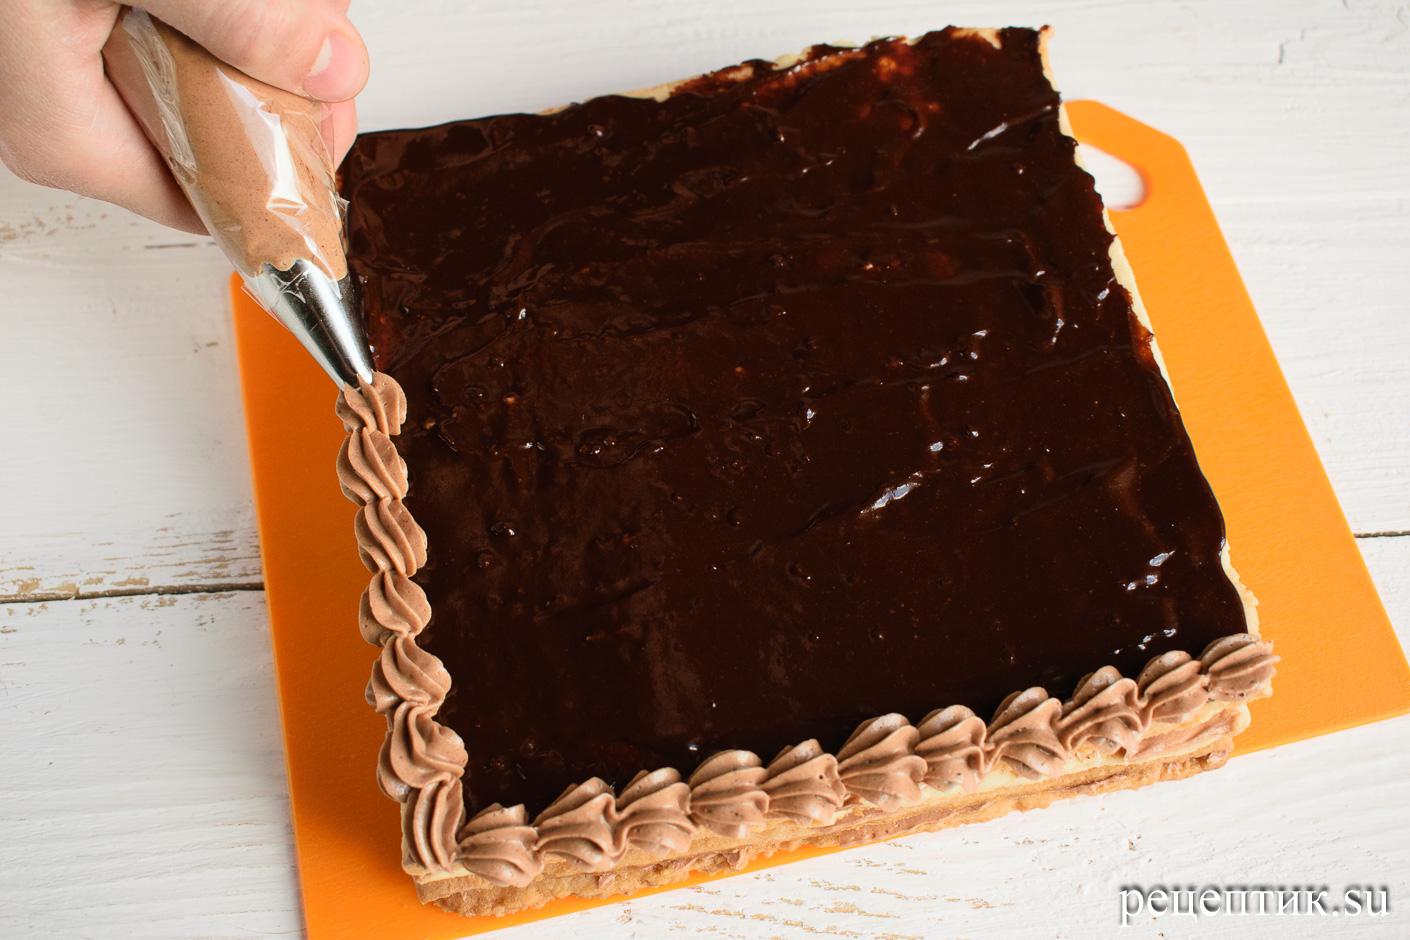 Торт «Ленинградский» — песочный торт с шоколадным масляным кремом - рецепт с фото, шаг 17